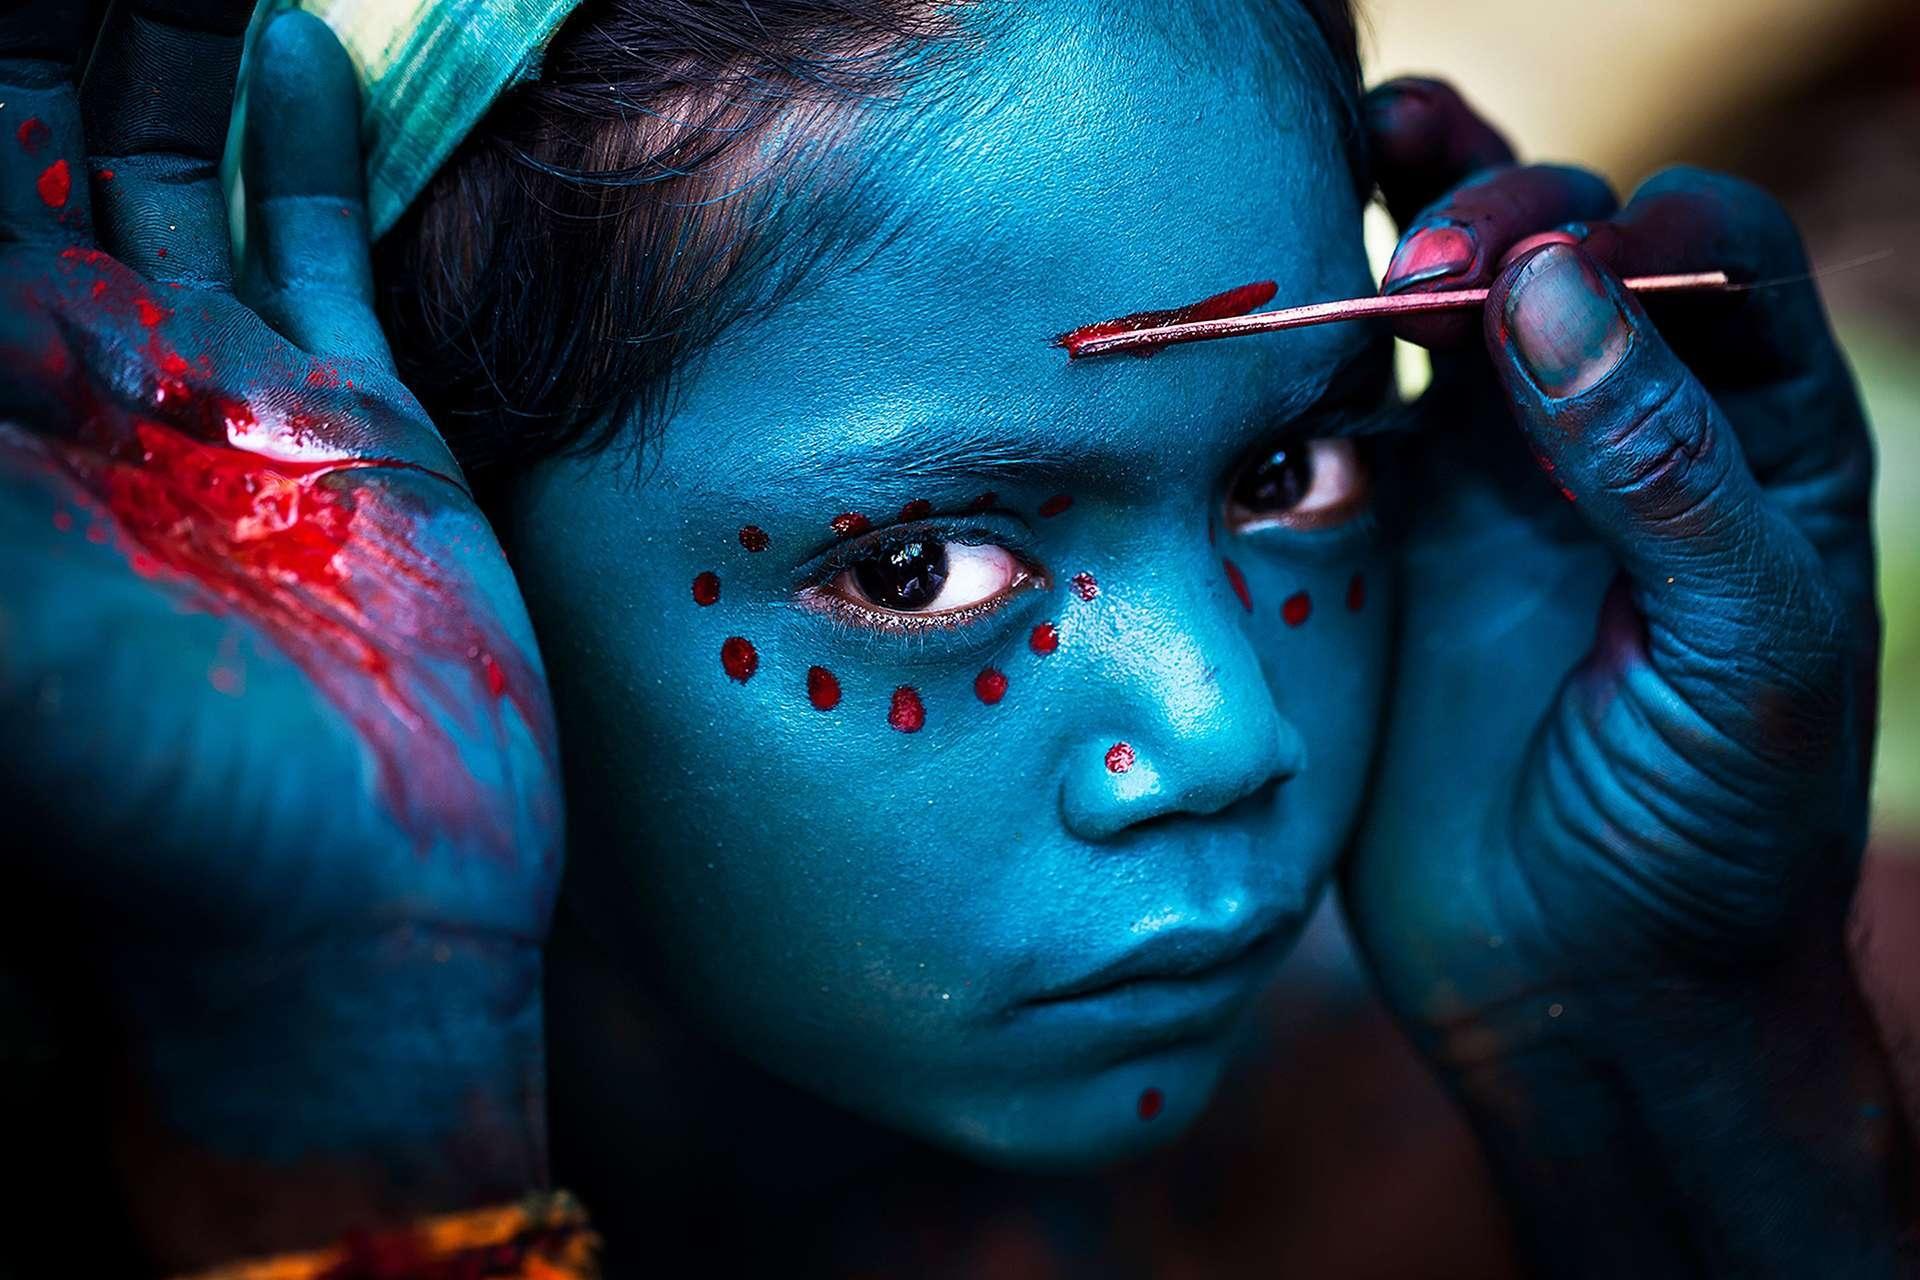 Photograph by Mahesh Balasubramanian